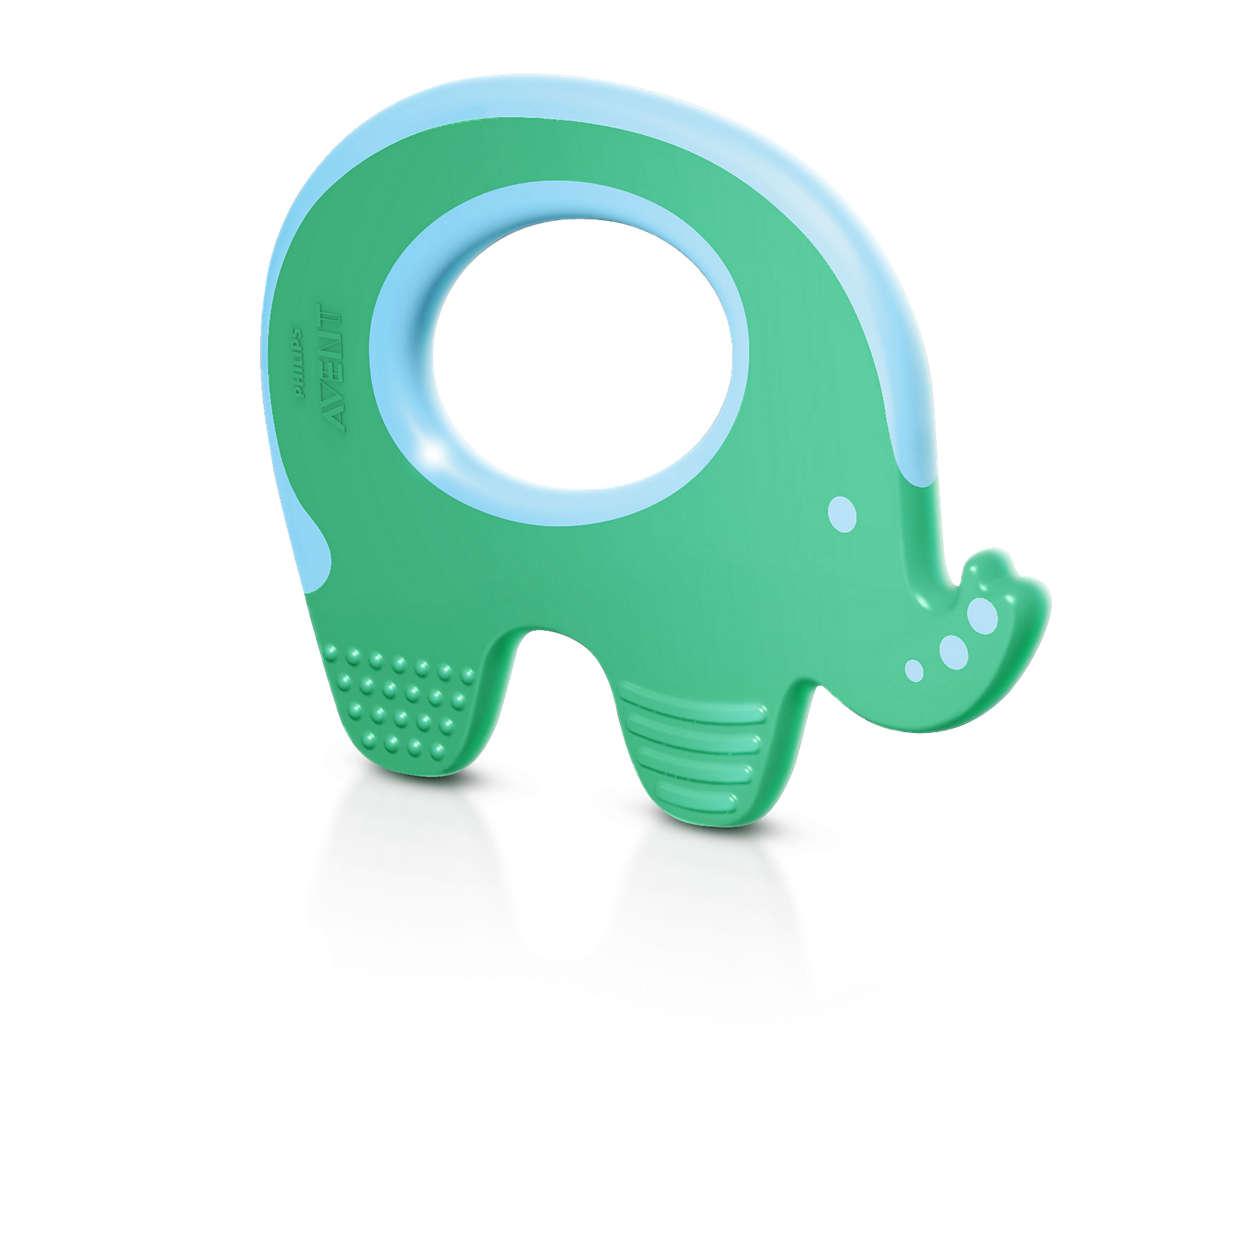 Diş çıkaran bebeklerin diş etlerinin rahatlamasına yardımcı olur